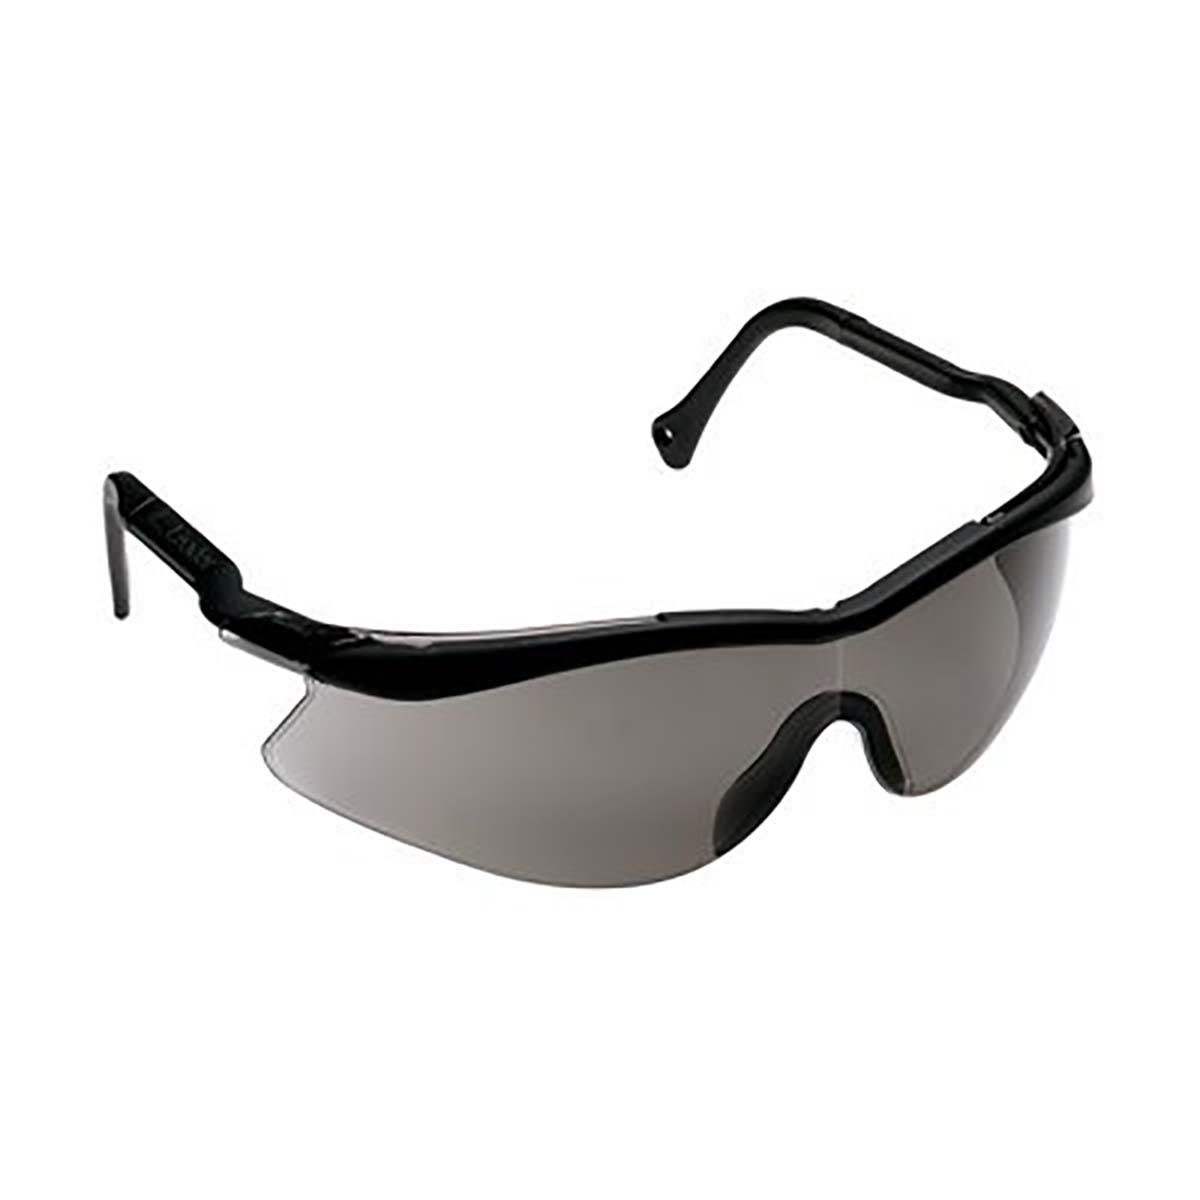 """3Mâ""""¢ QXâ""""¢ Protective Eyewear 2000, 12180-10000-20 3Mâ""""¢ MinimIzeRâ""""¢ Lens, Black Temple, Soft Nose"""